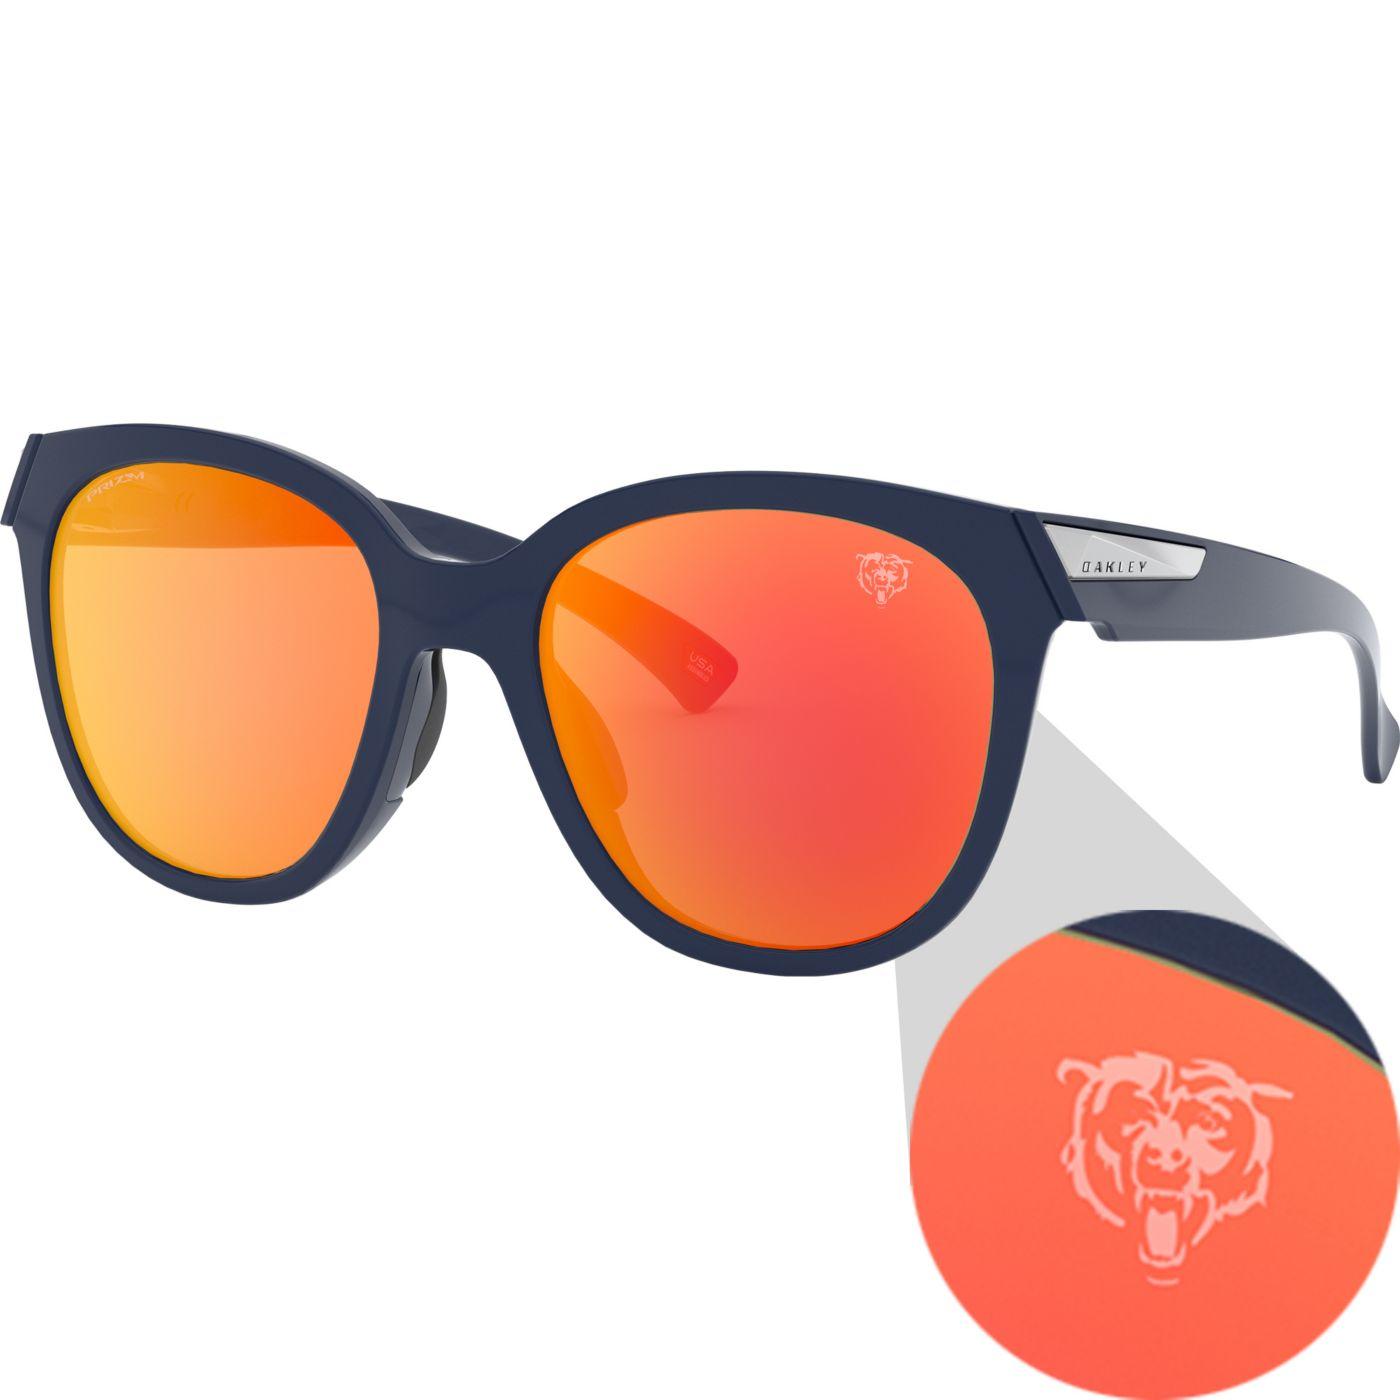 Oakley Chicago Bears Women's Low Key Sunglasses